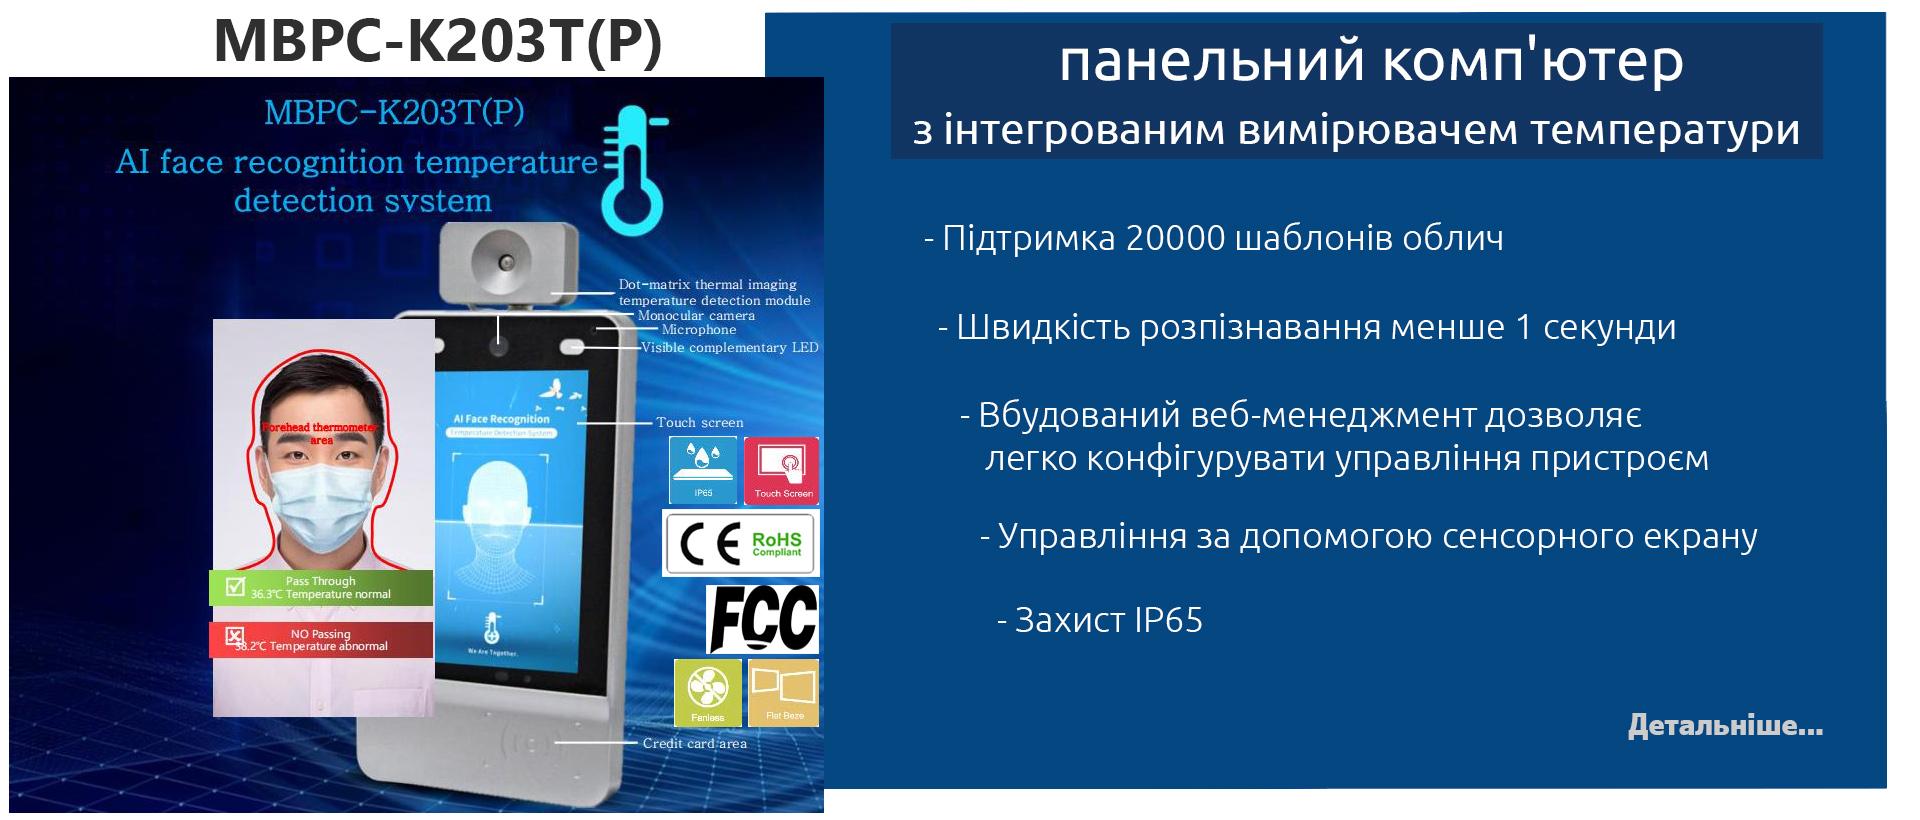 MBPC-K203T(P)sl2